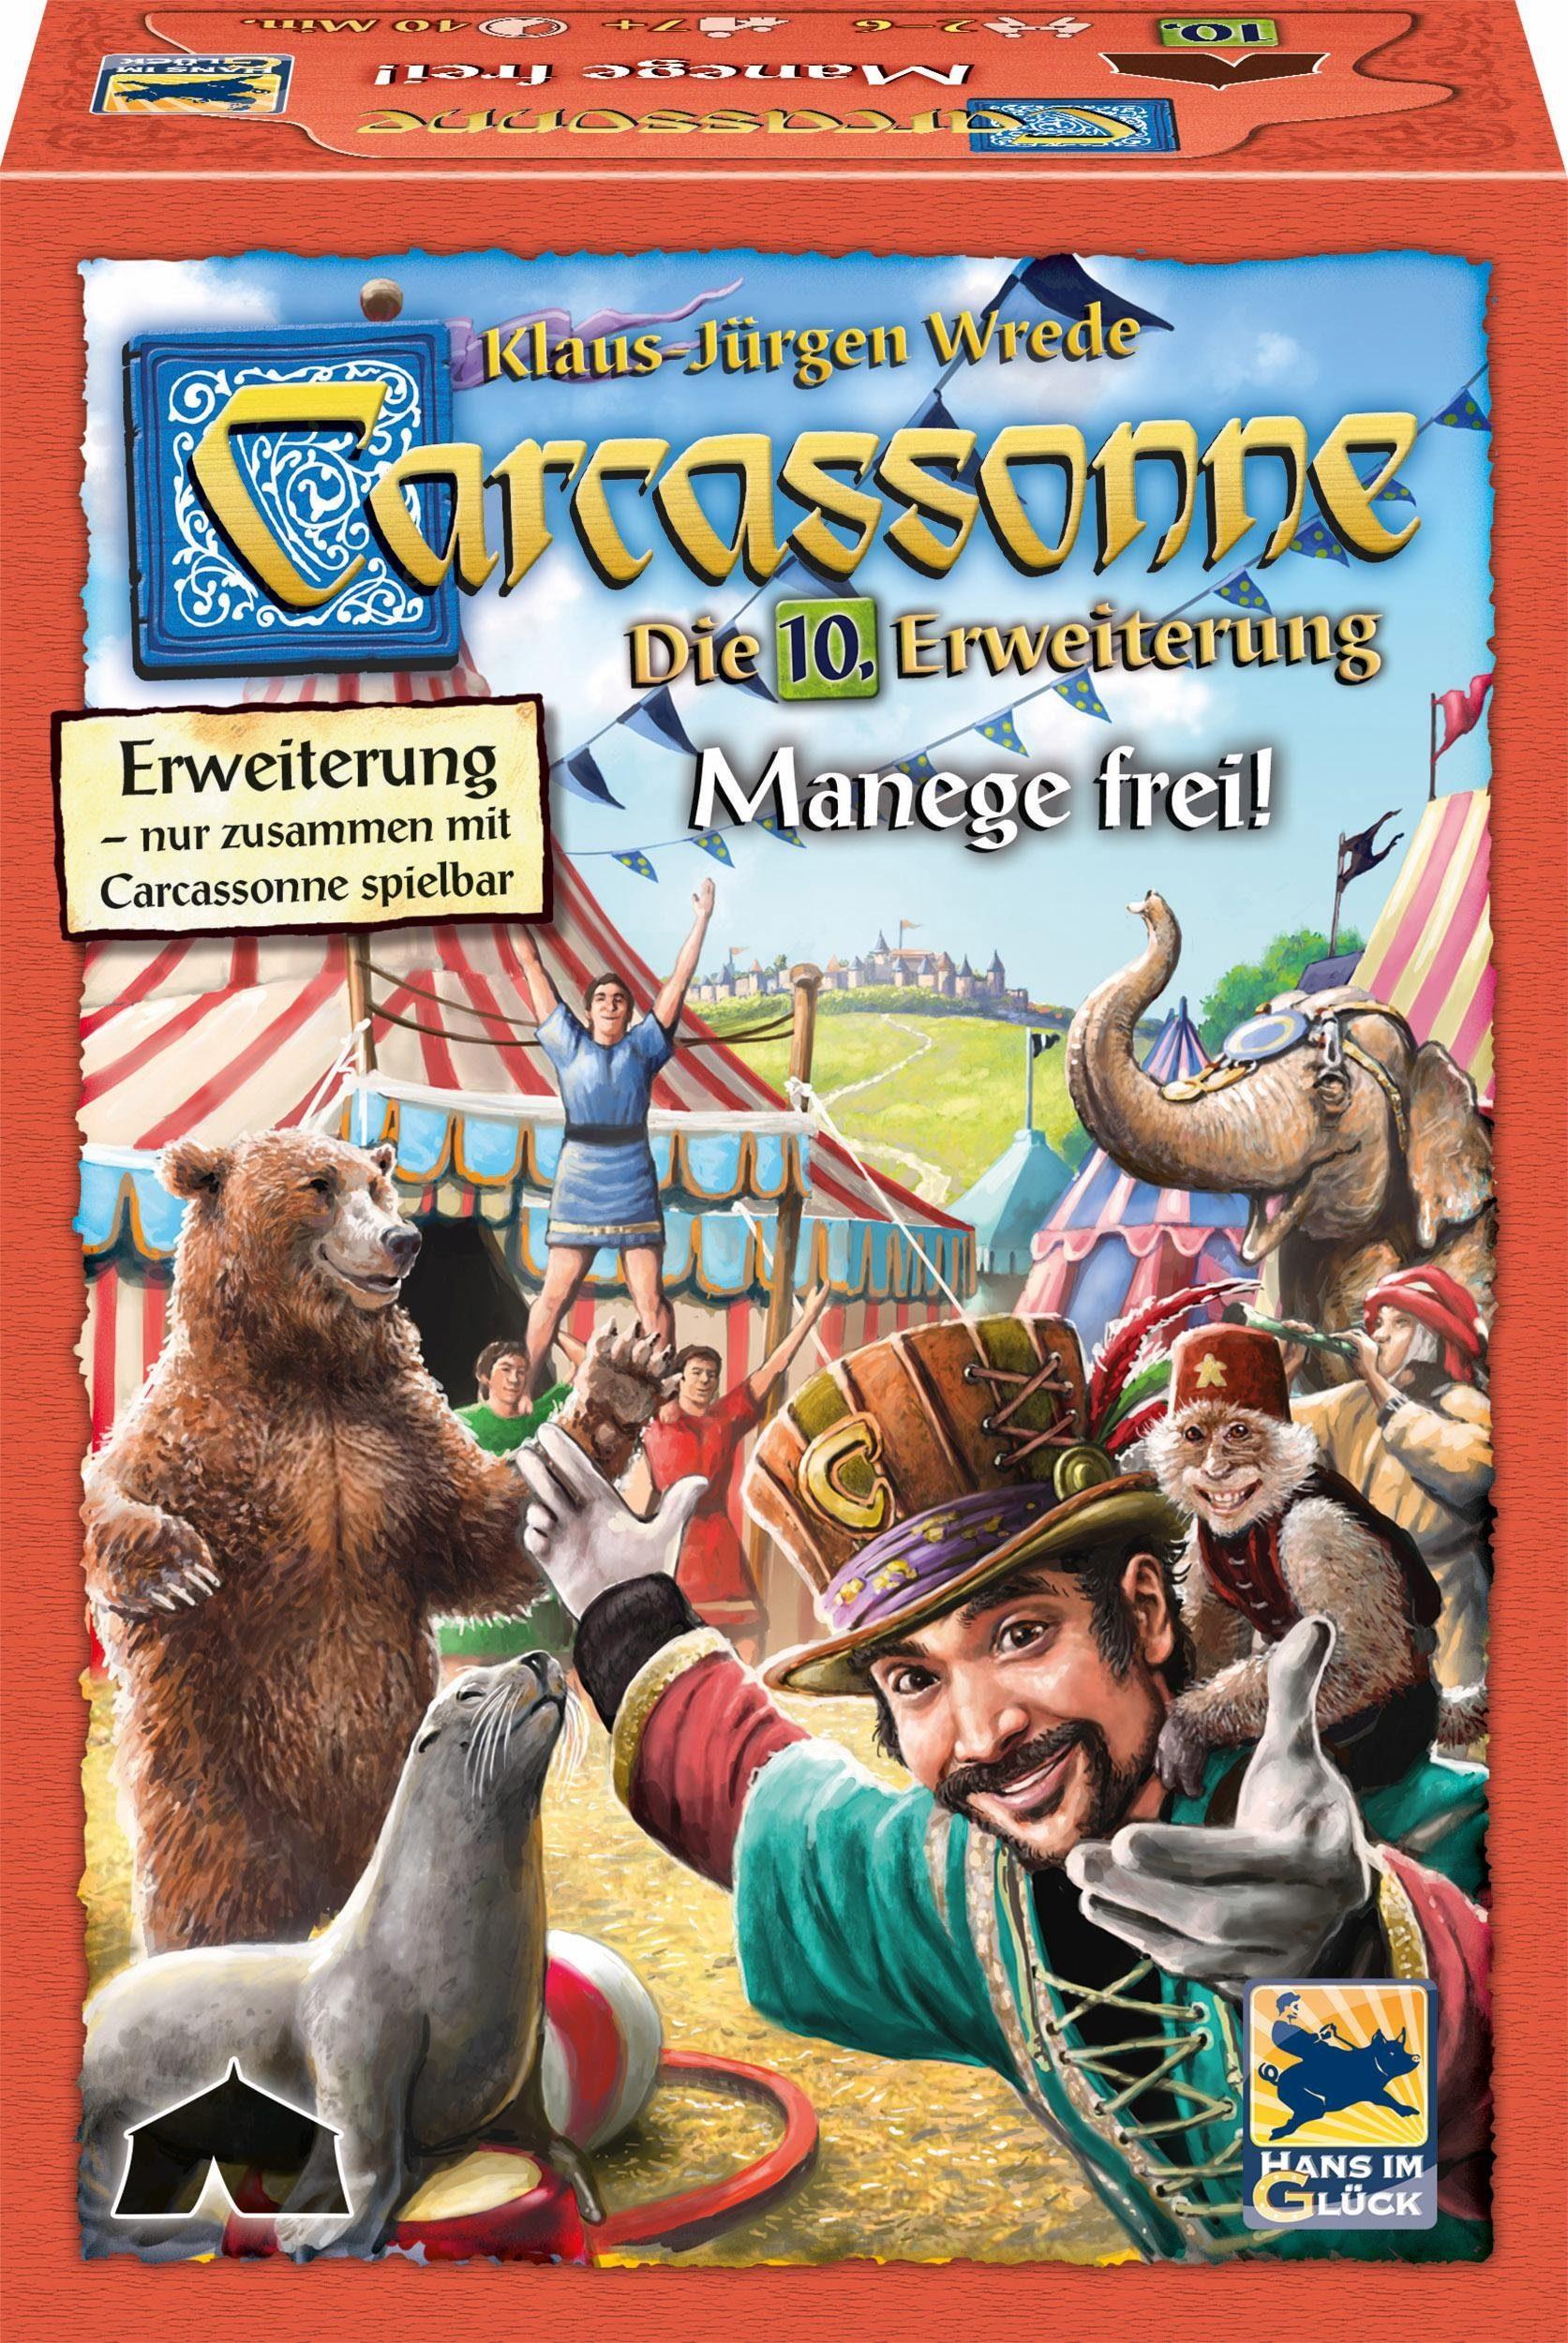 Hans im Glück Gesellschaftsspiel, »Carcassonne - 10. Erweiterung«